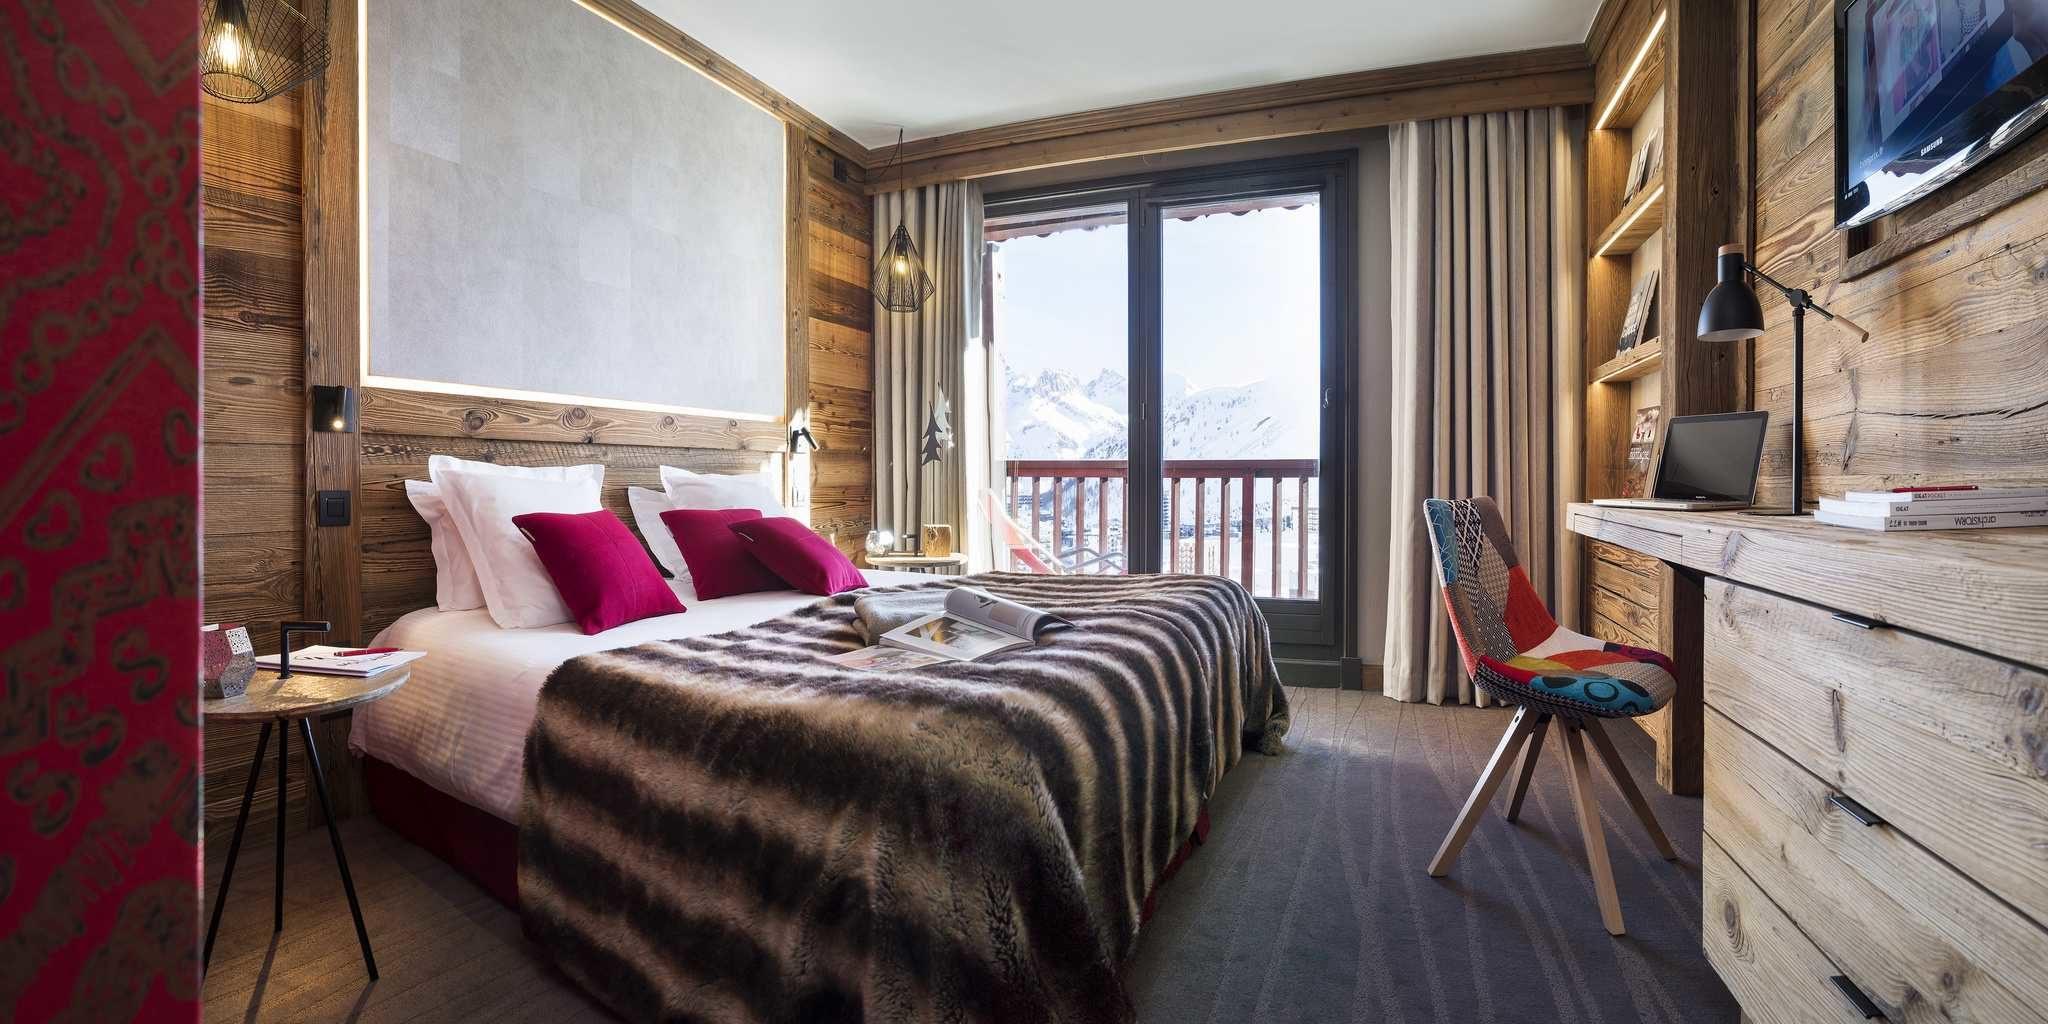 Hotel Village Montana Tignes Tignes-Val d'Isere Frankrijk wintersport skivakantie luxe slaapkamer 2-persoonsbed roze kussens sprei gekleurde stoel bureau TV hanglampen raam balkon besneeuwde bergen